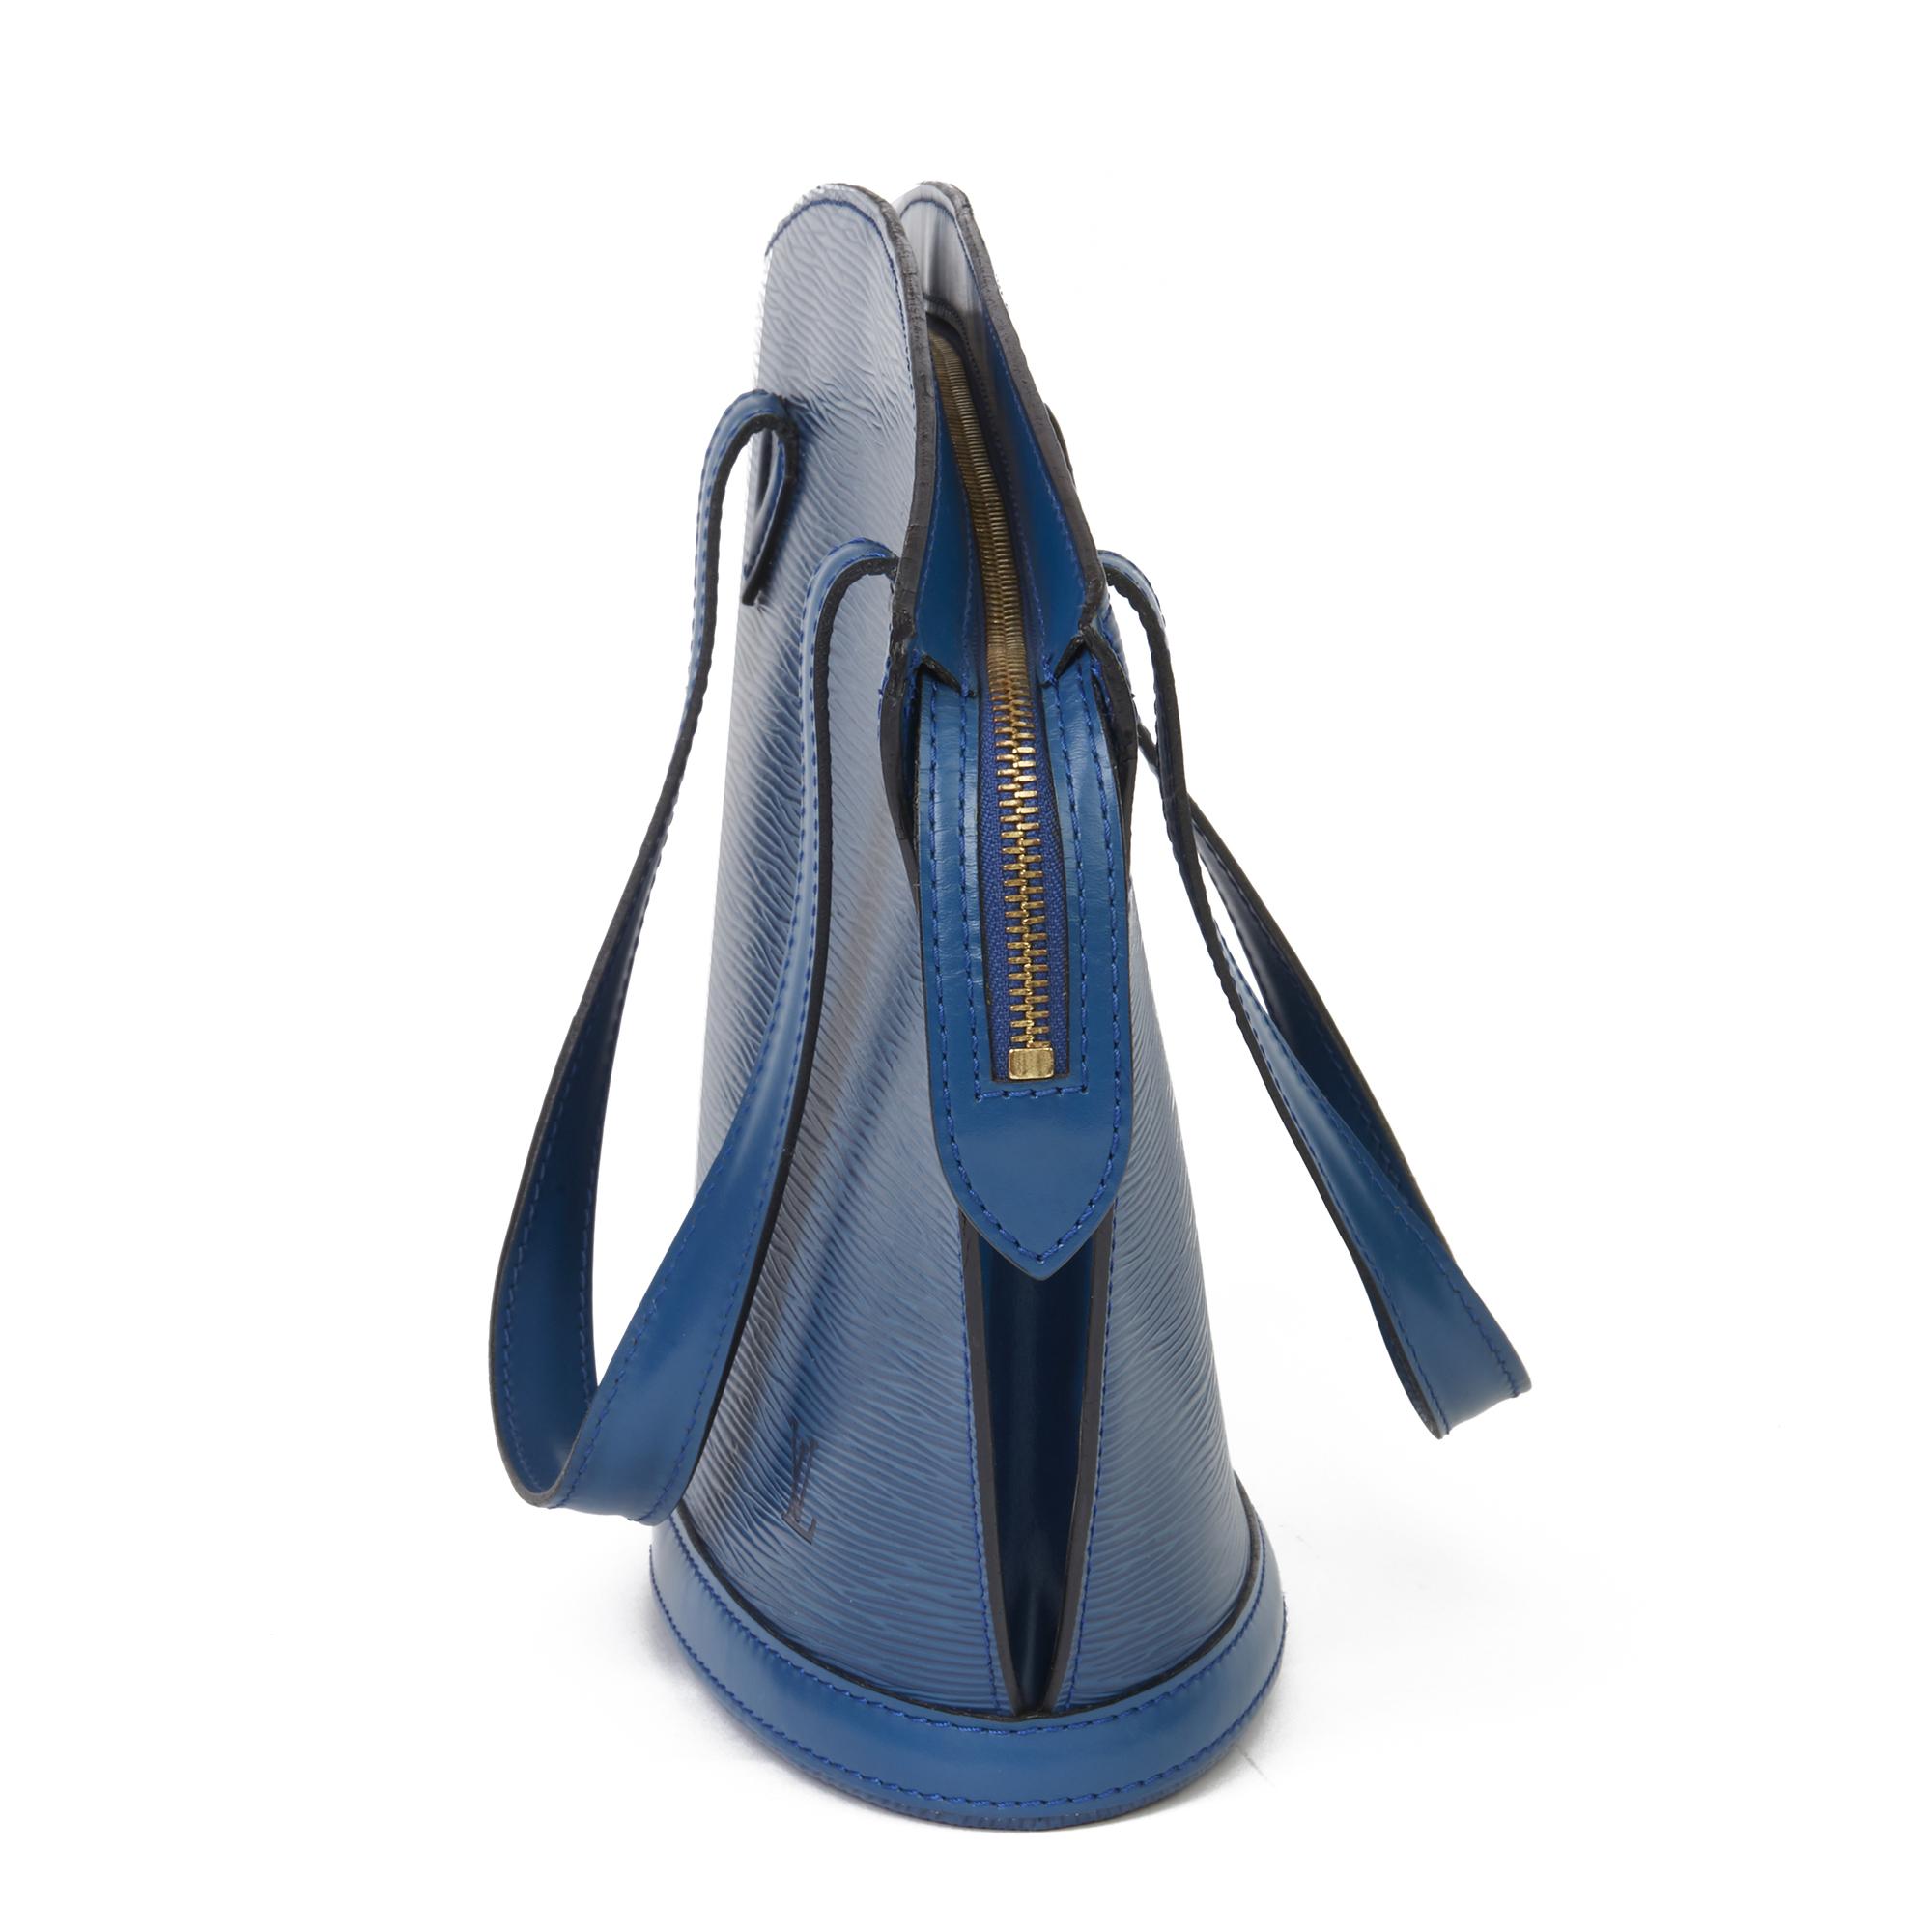 Louis Vuitton Blue Epi Leather Vintage Saint Jacques PM - Image 11 of 11